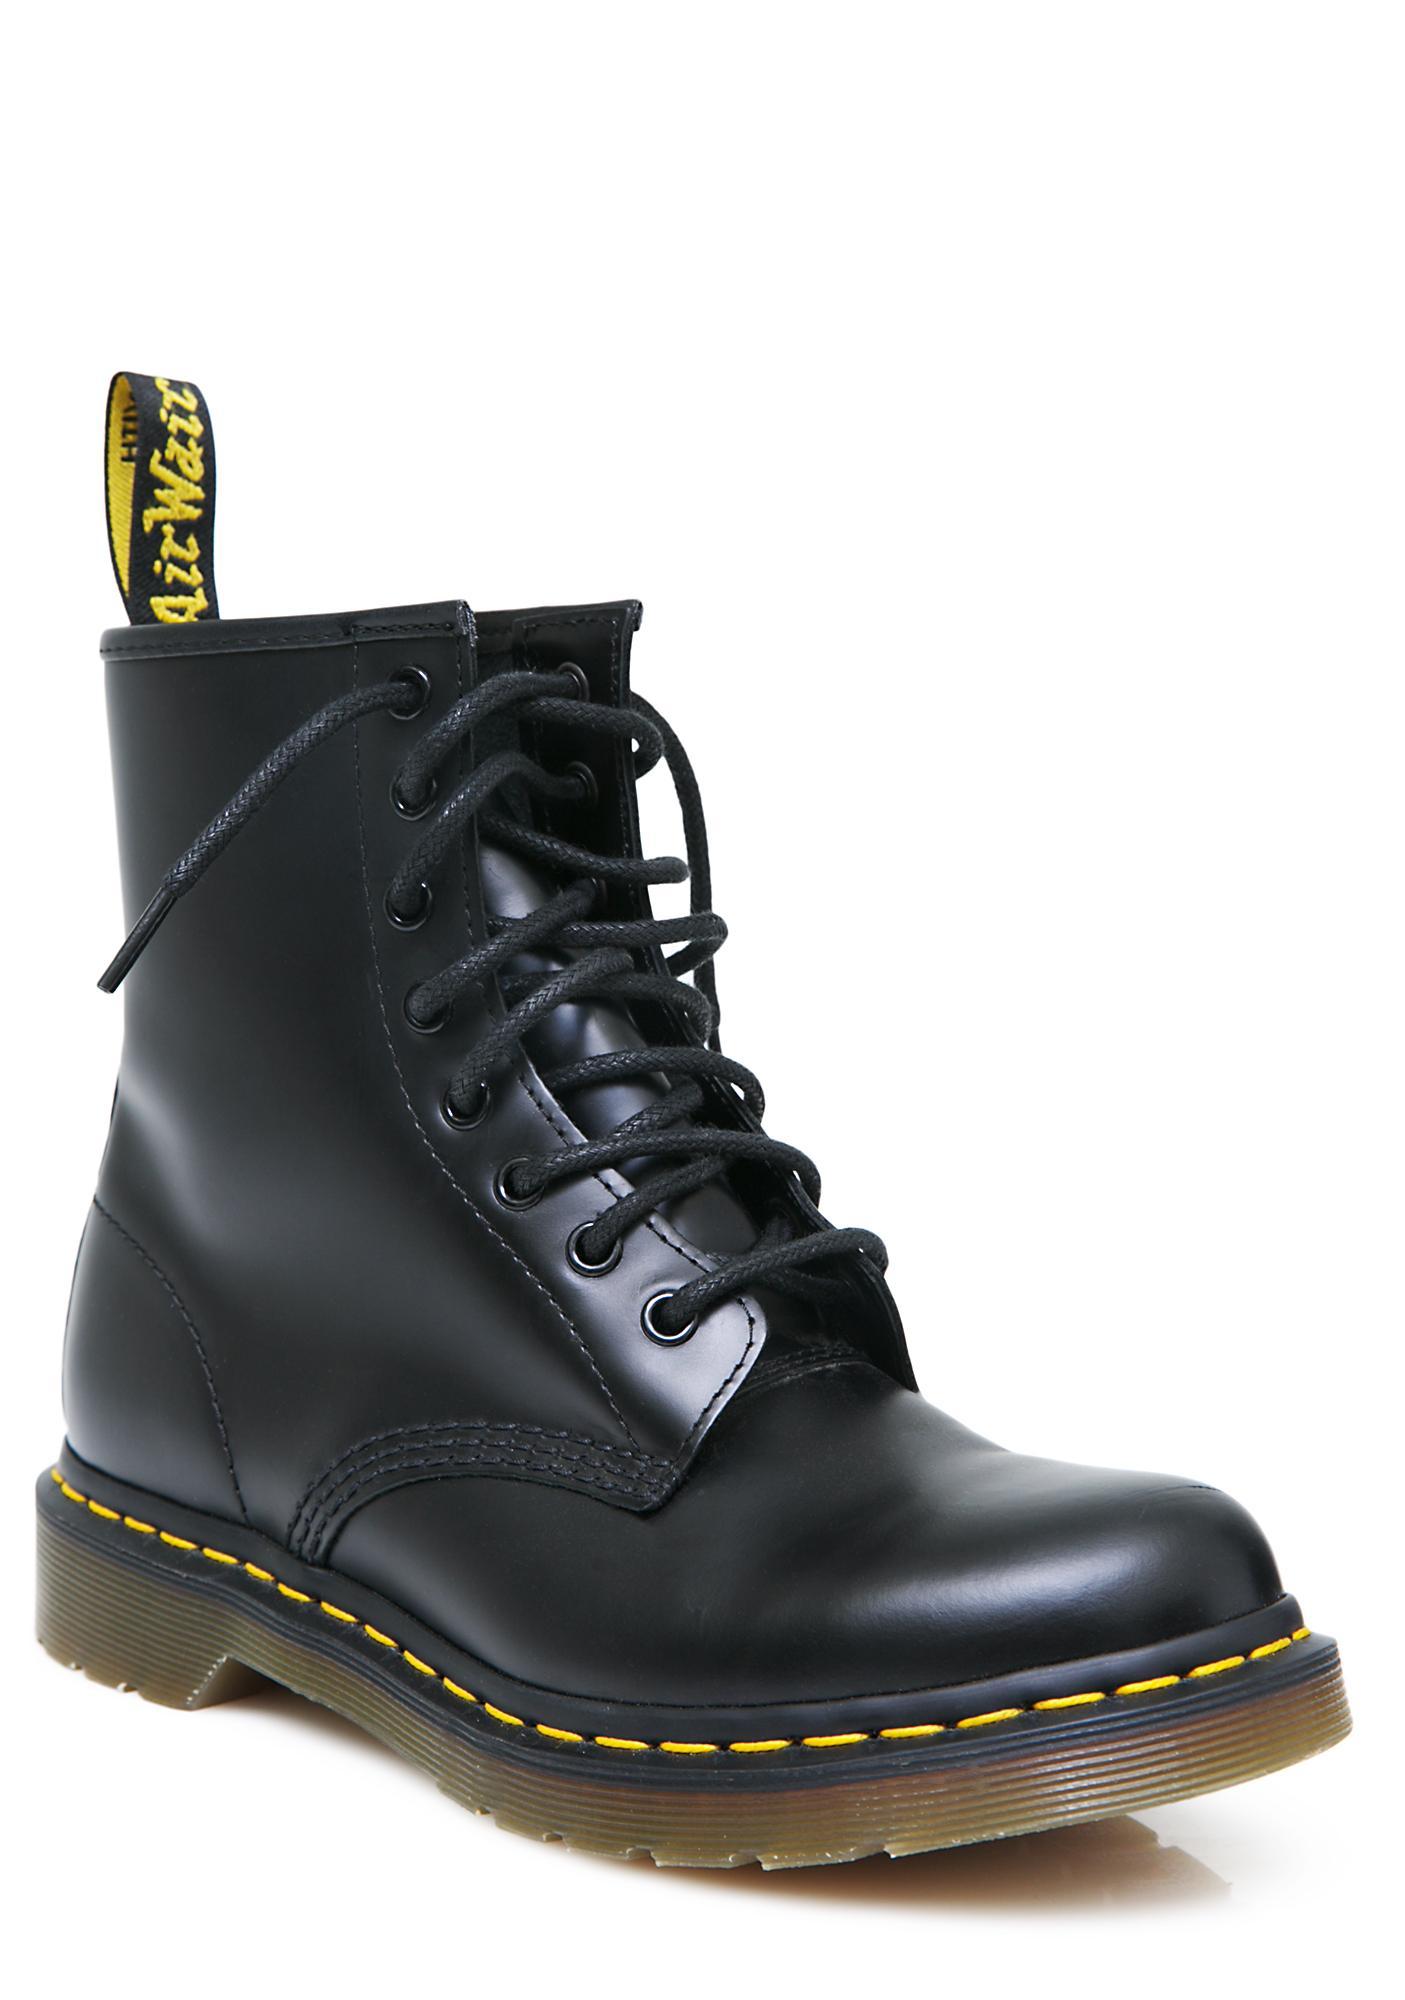 a649365d7dc2 ... Dr. Martens 1460 8 Eye Boots ...